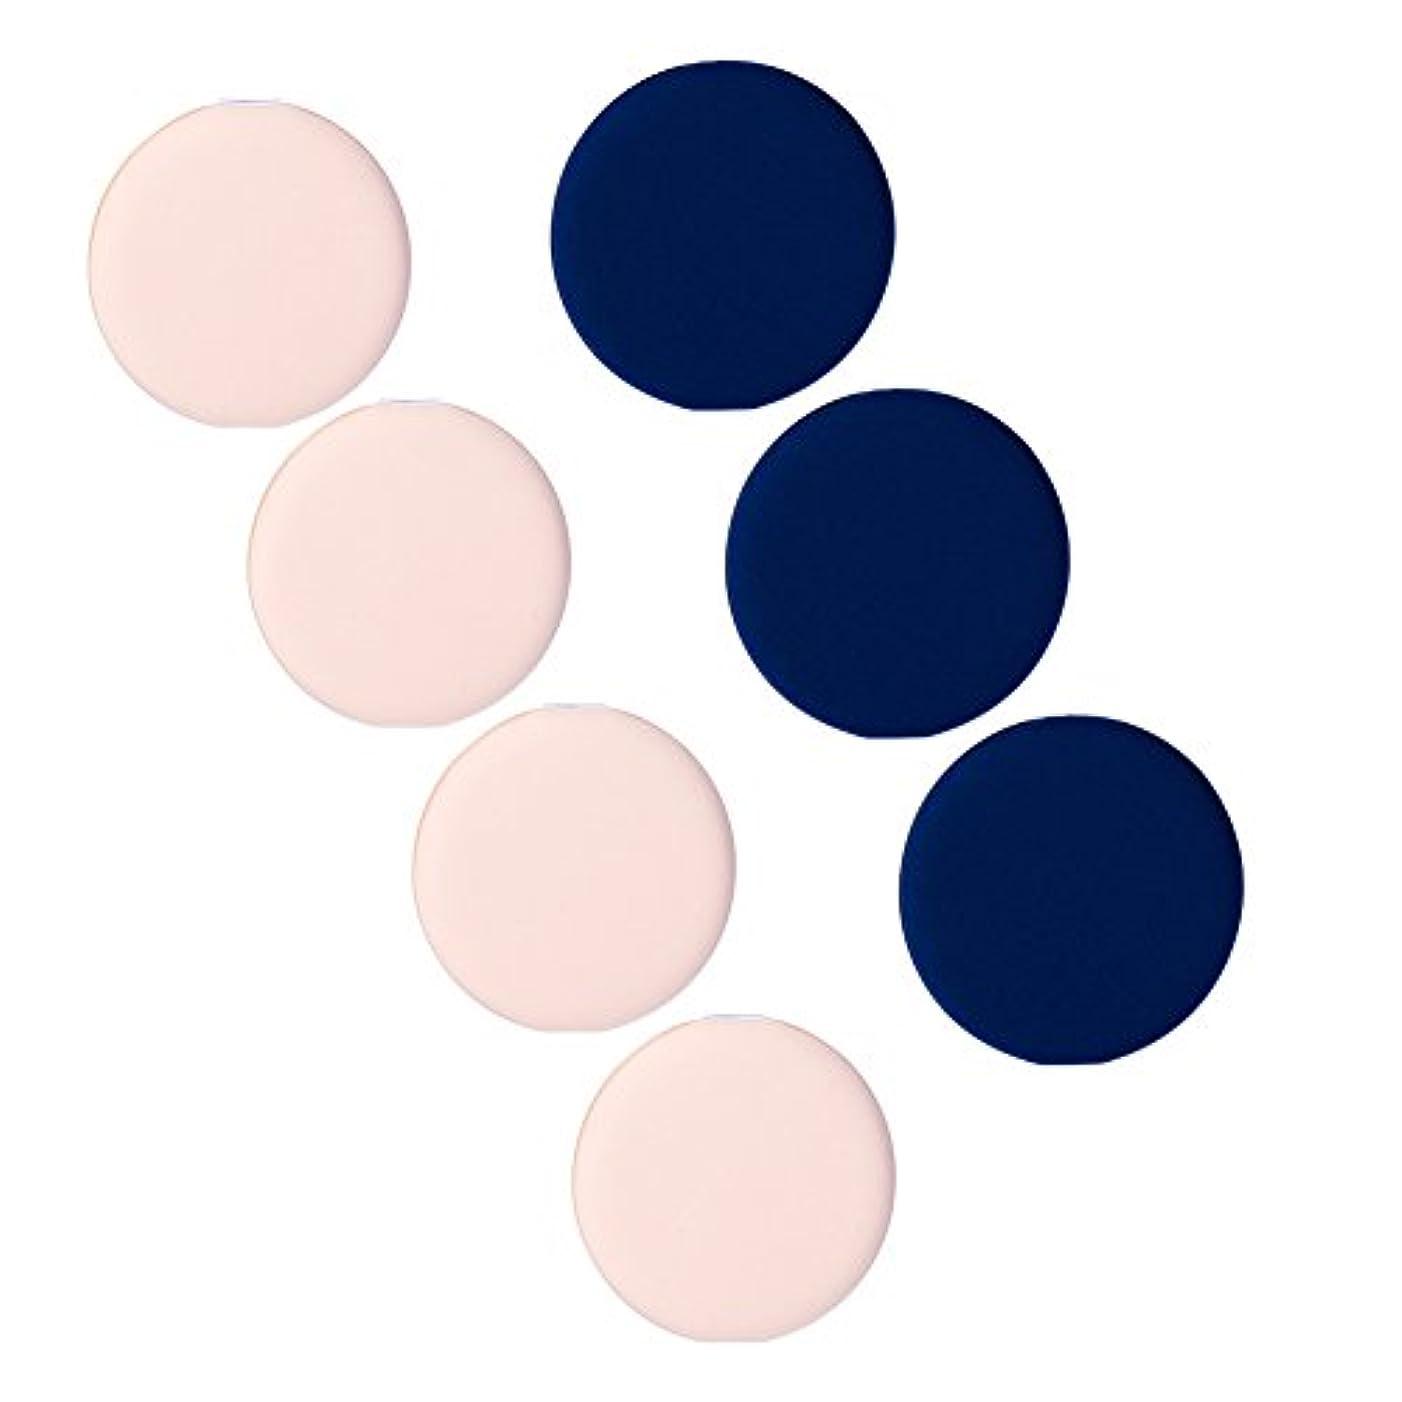 虚偽下手赤7個/セット ミニメイクアップ  パウダーファンデーション BBクリームエアクッションパフ  化粧品用具